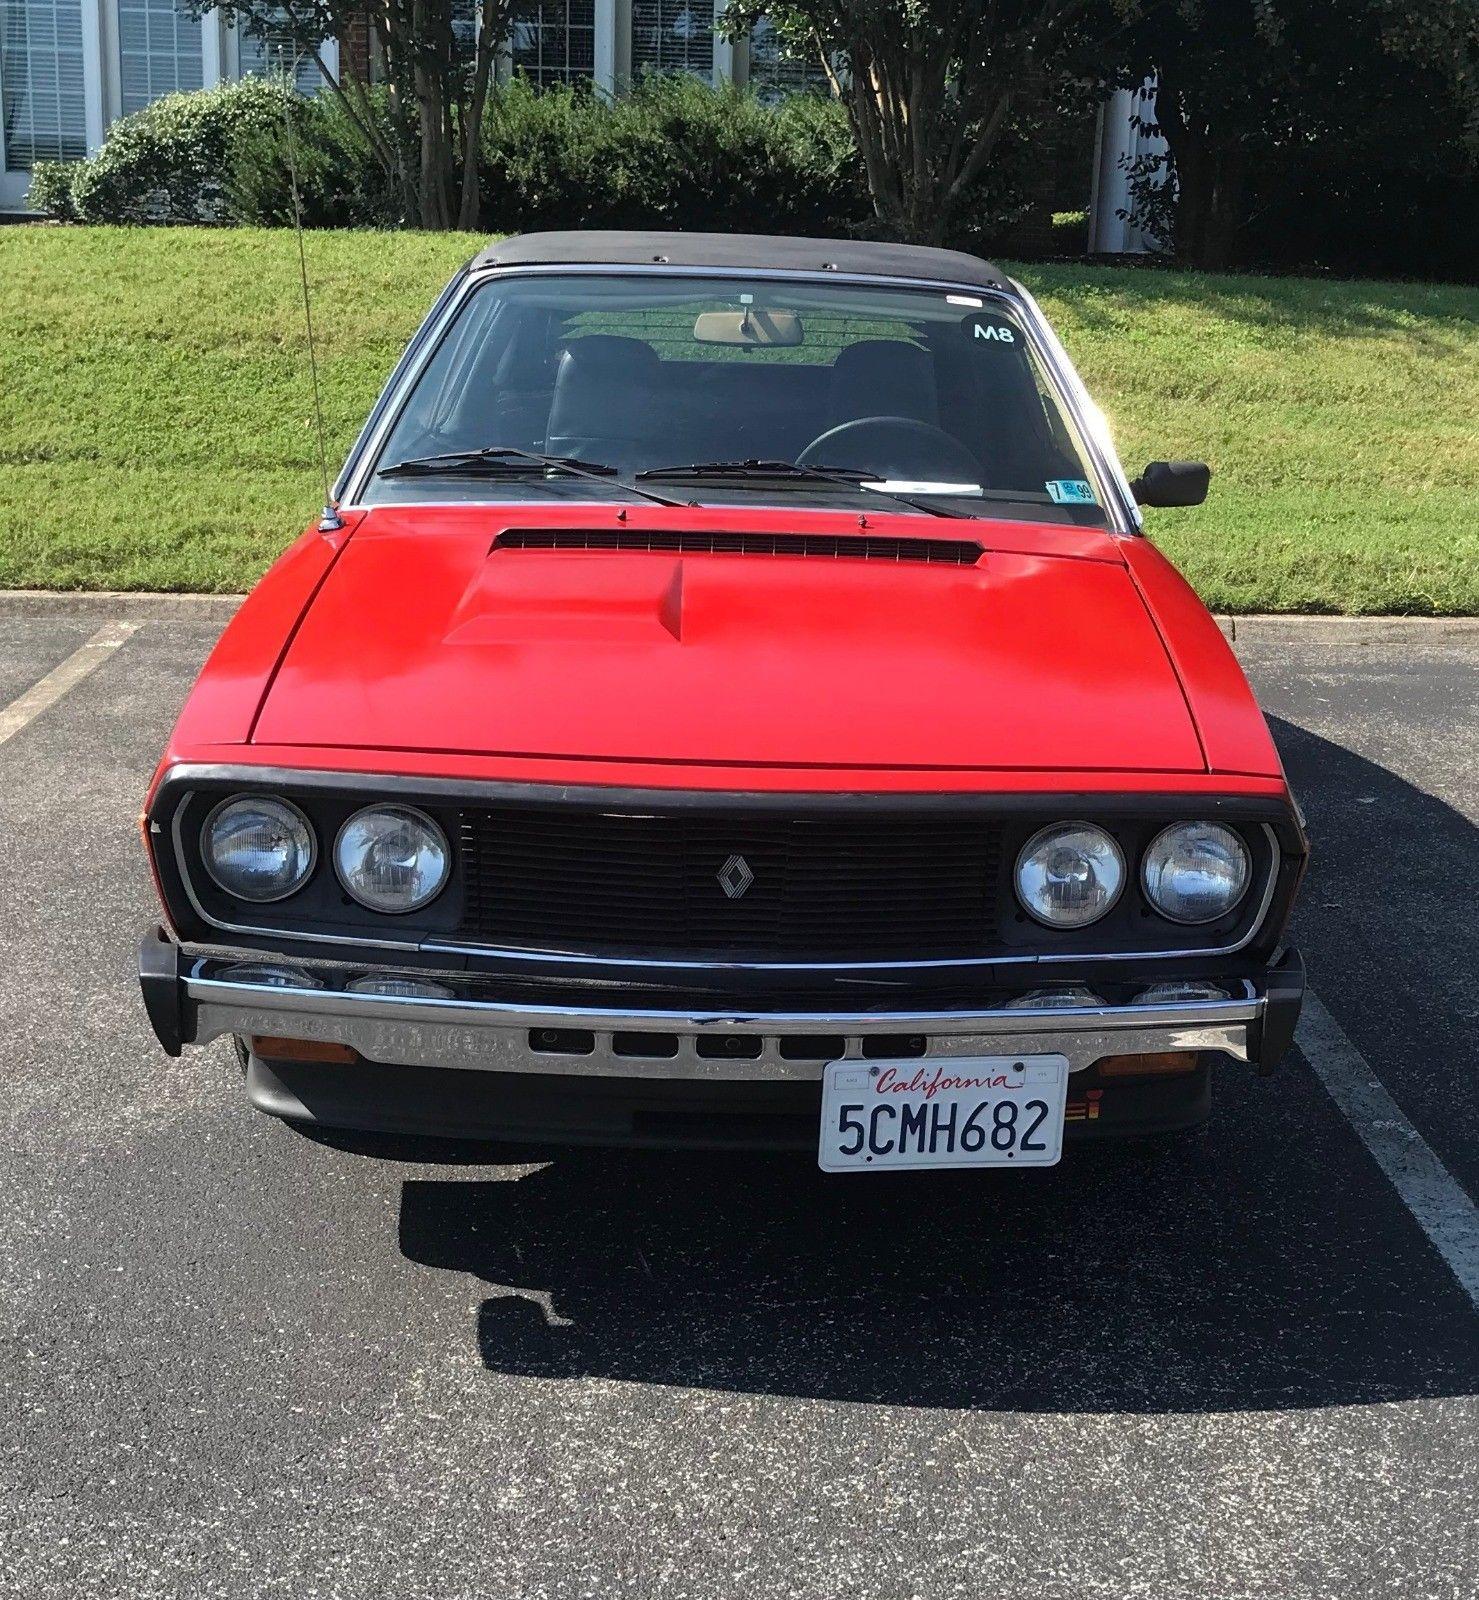 Renault Gordini: Just A Car Geek: 1978 Renault R17 Gordini